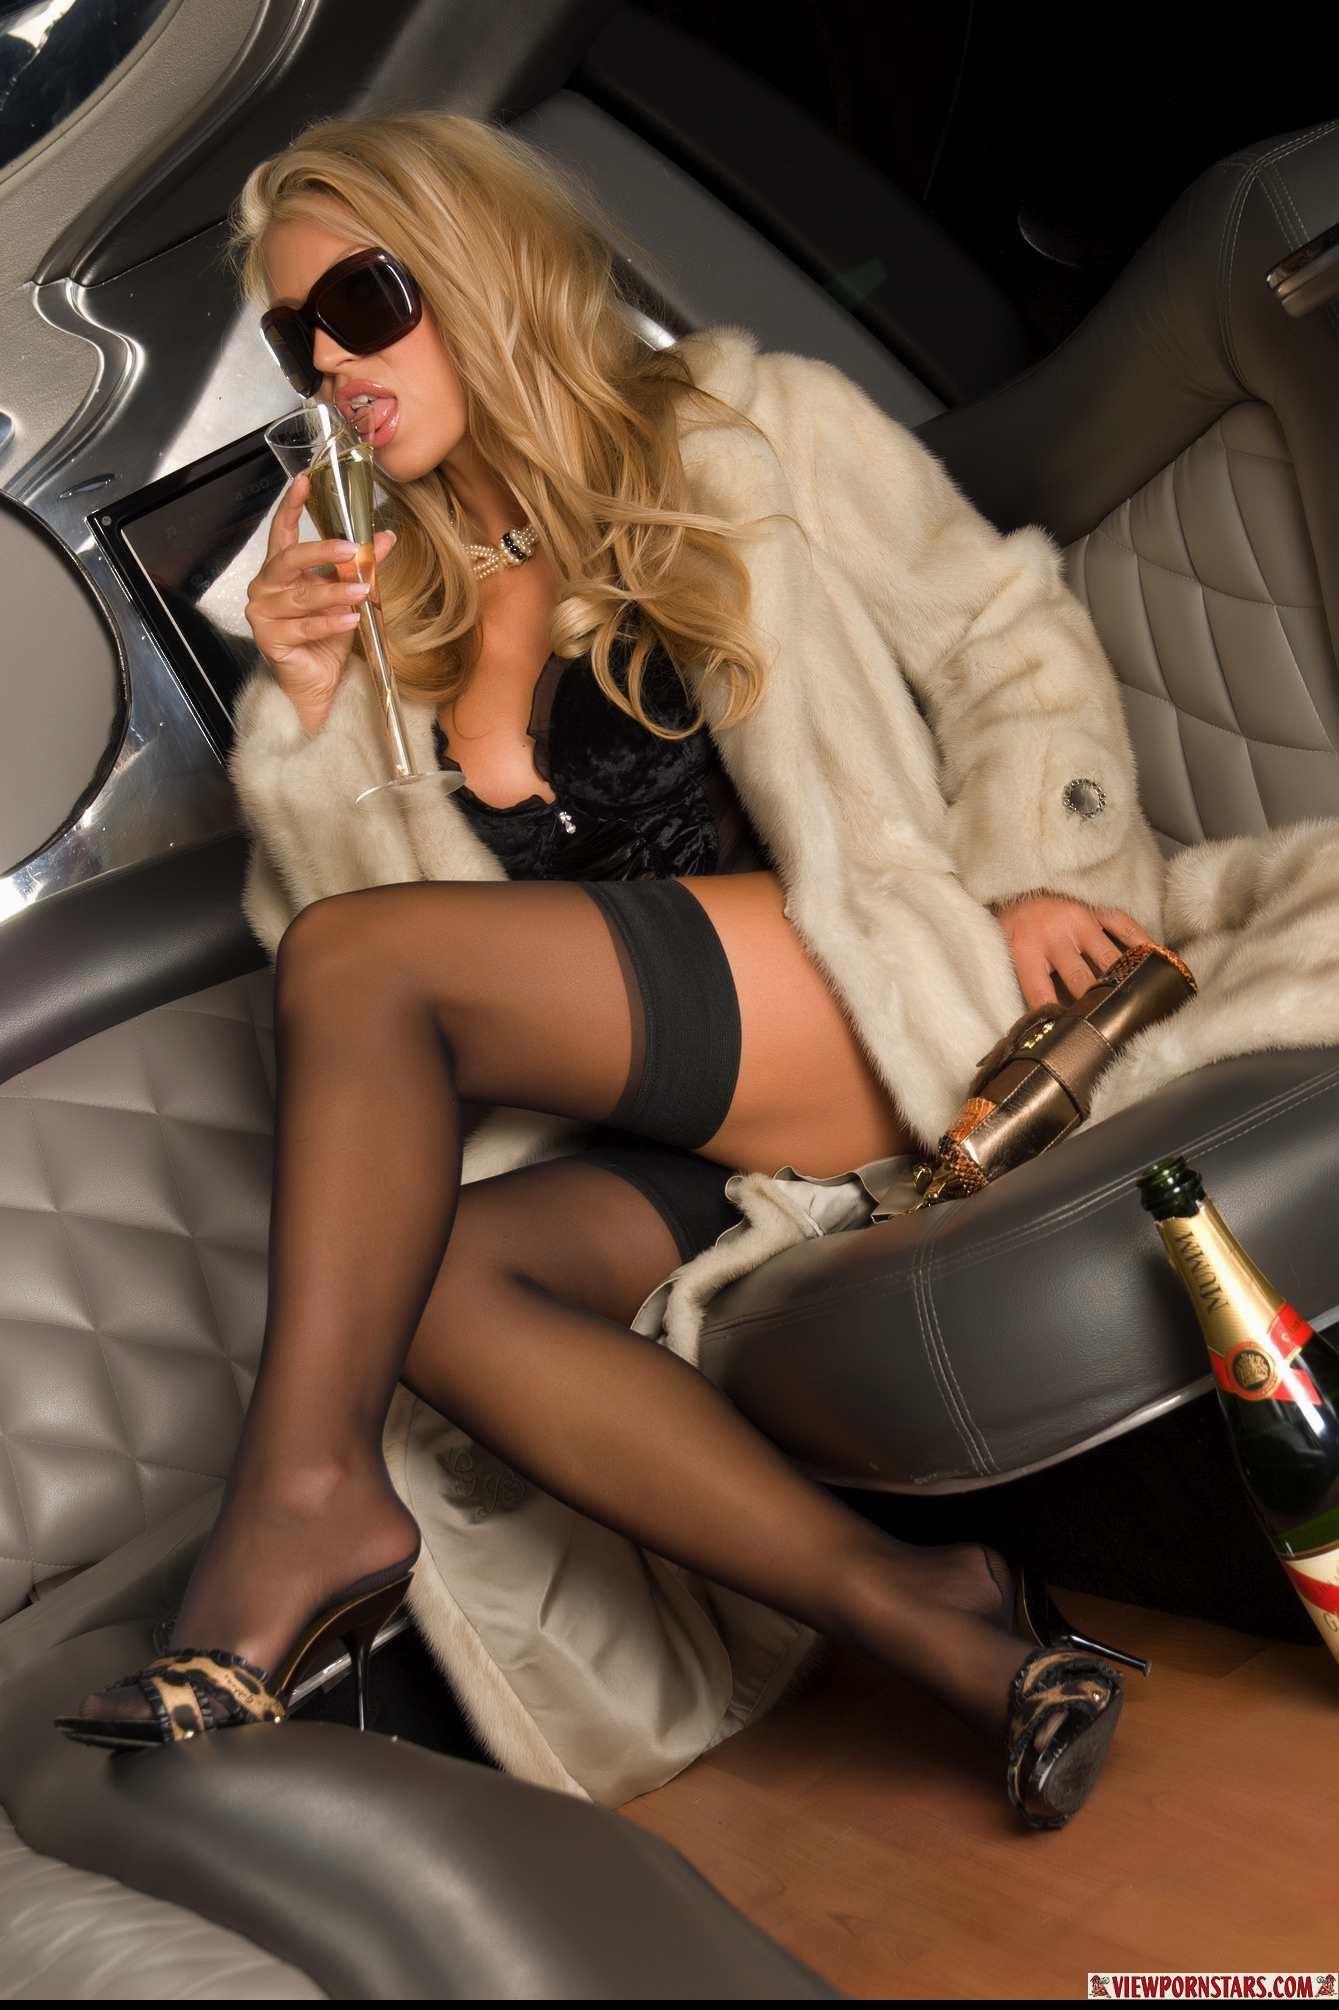 Порно с пьяными девушками и женщинами пьяные секс видео